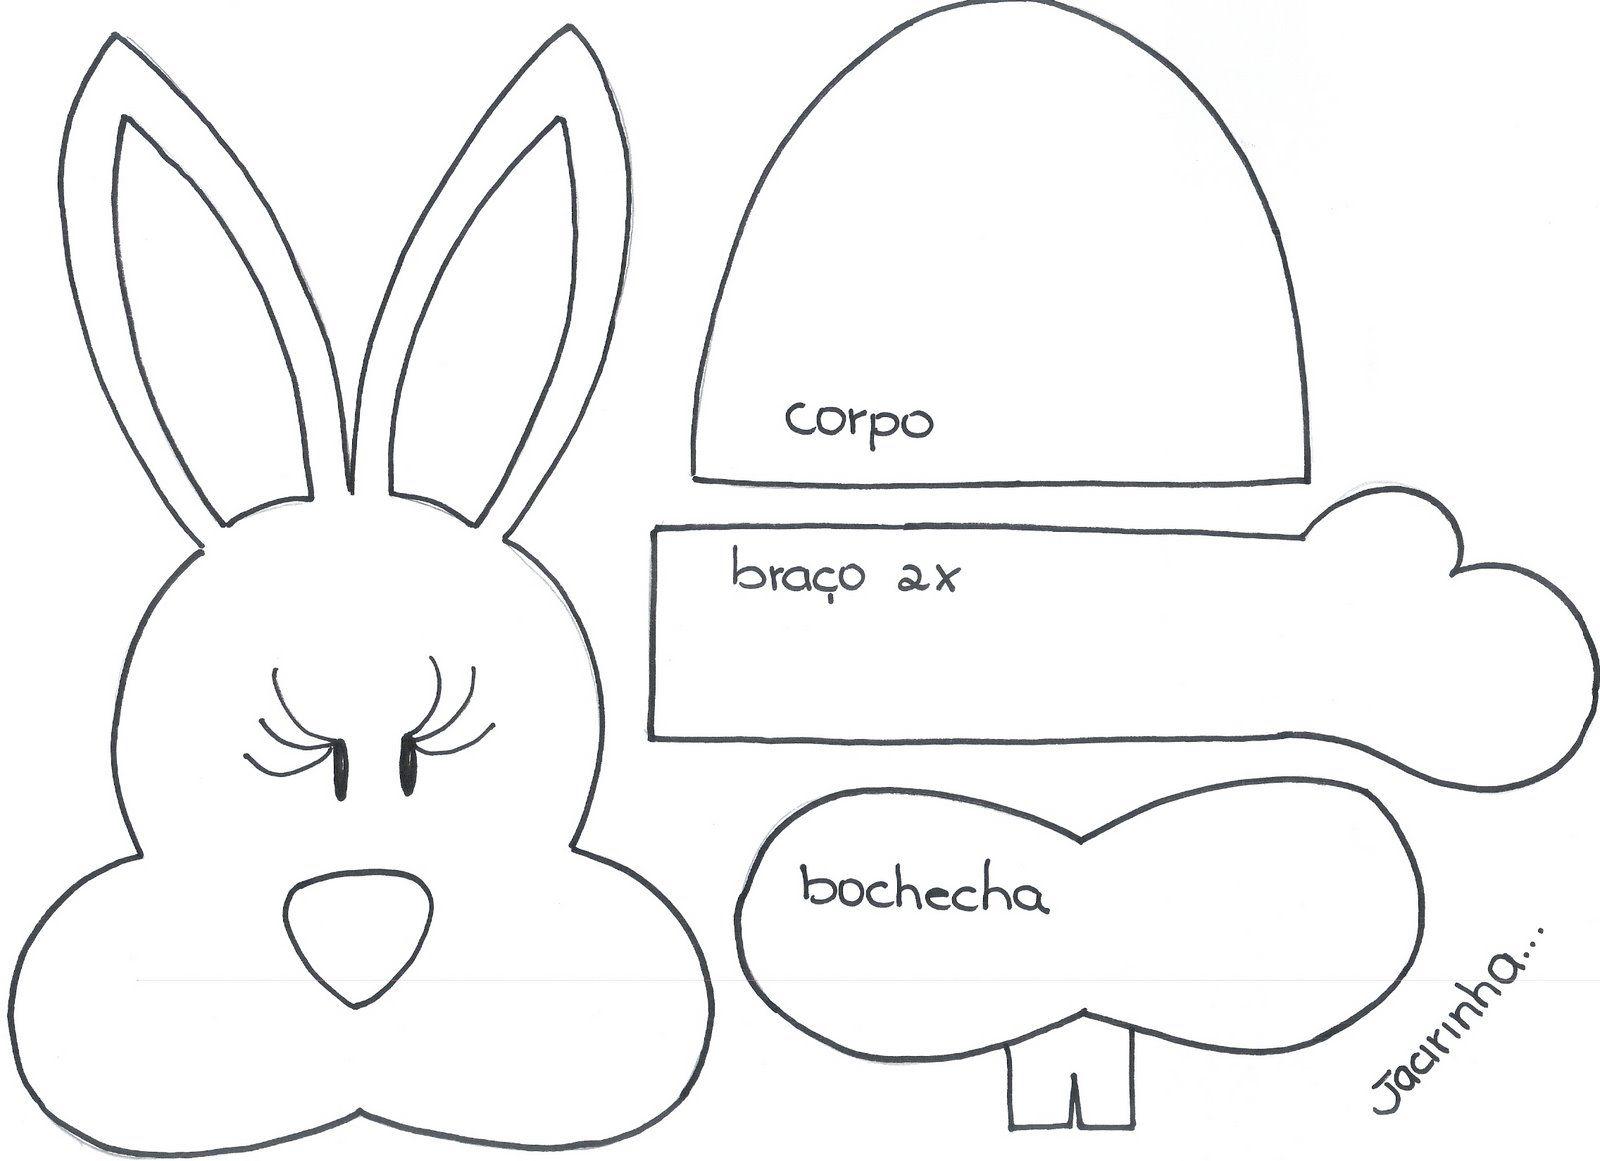 molde de coelho para imprimir grátis